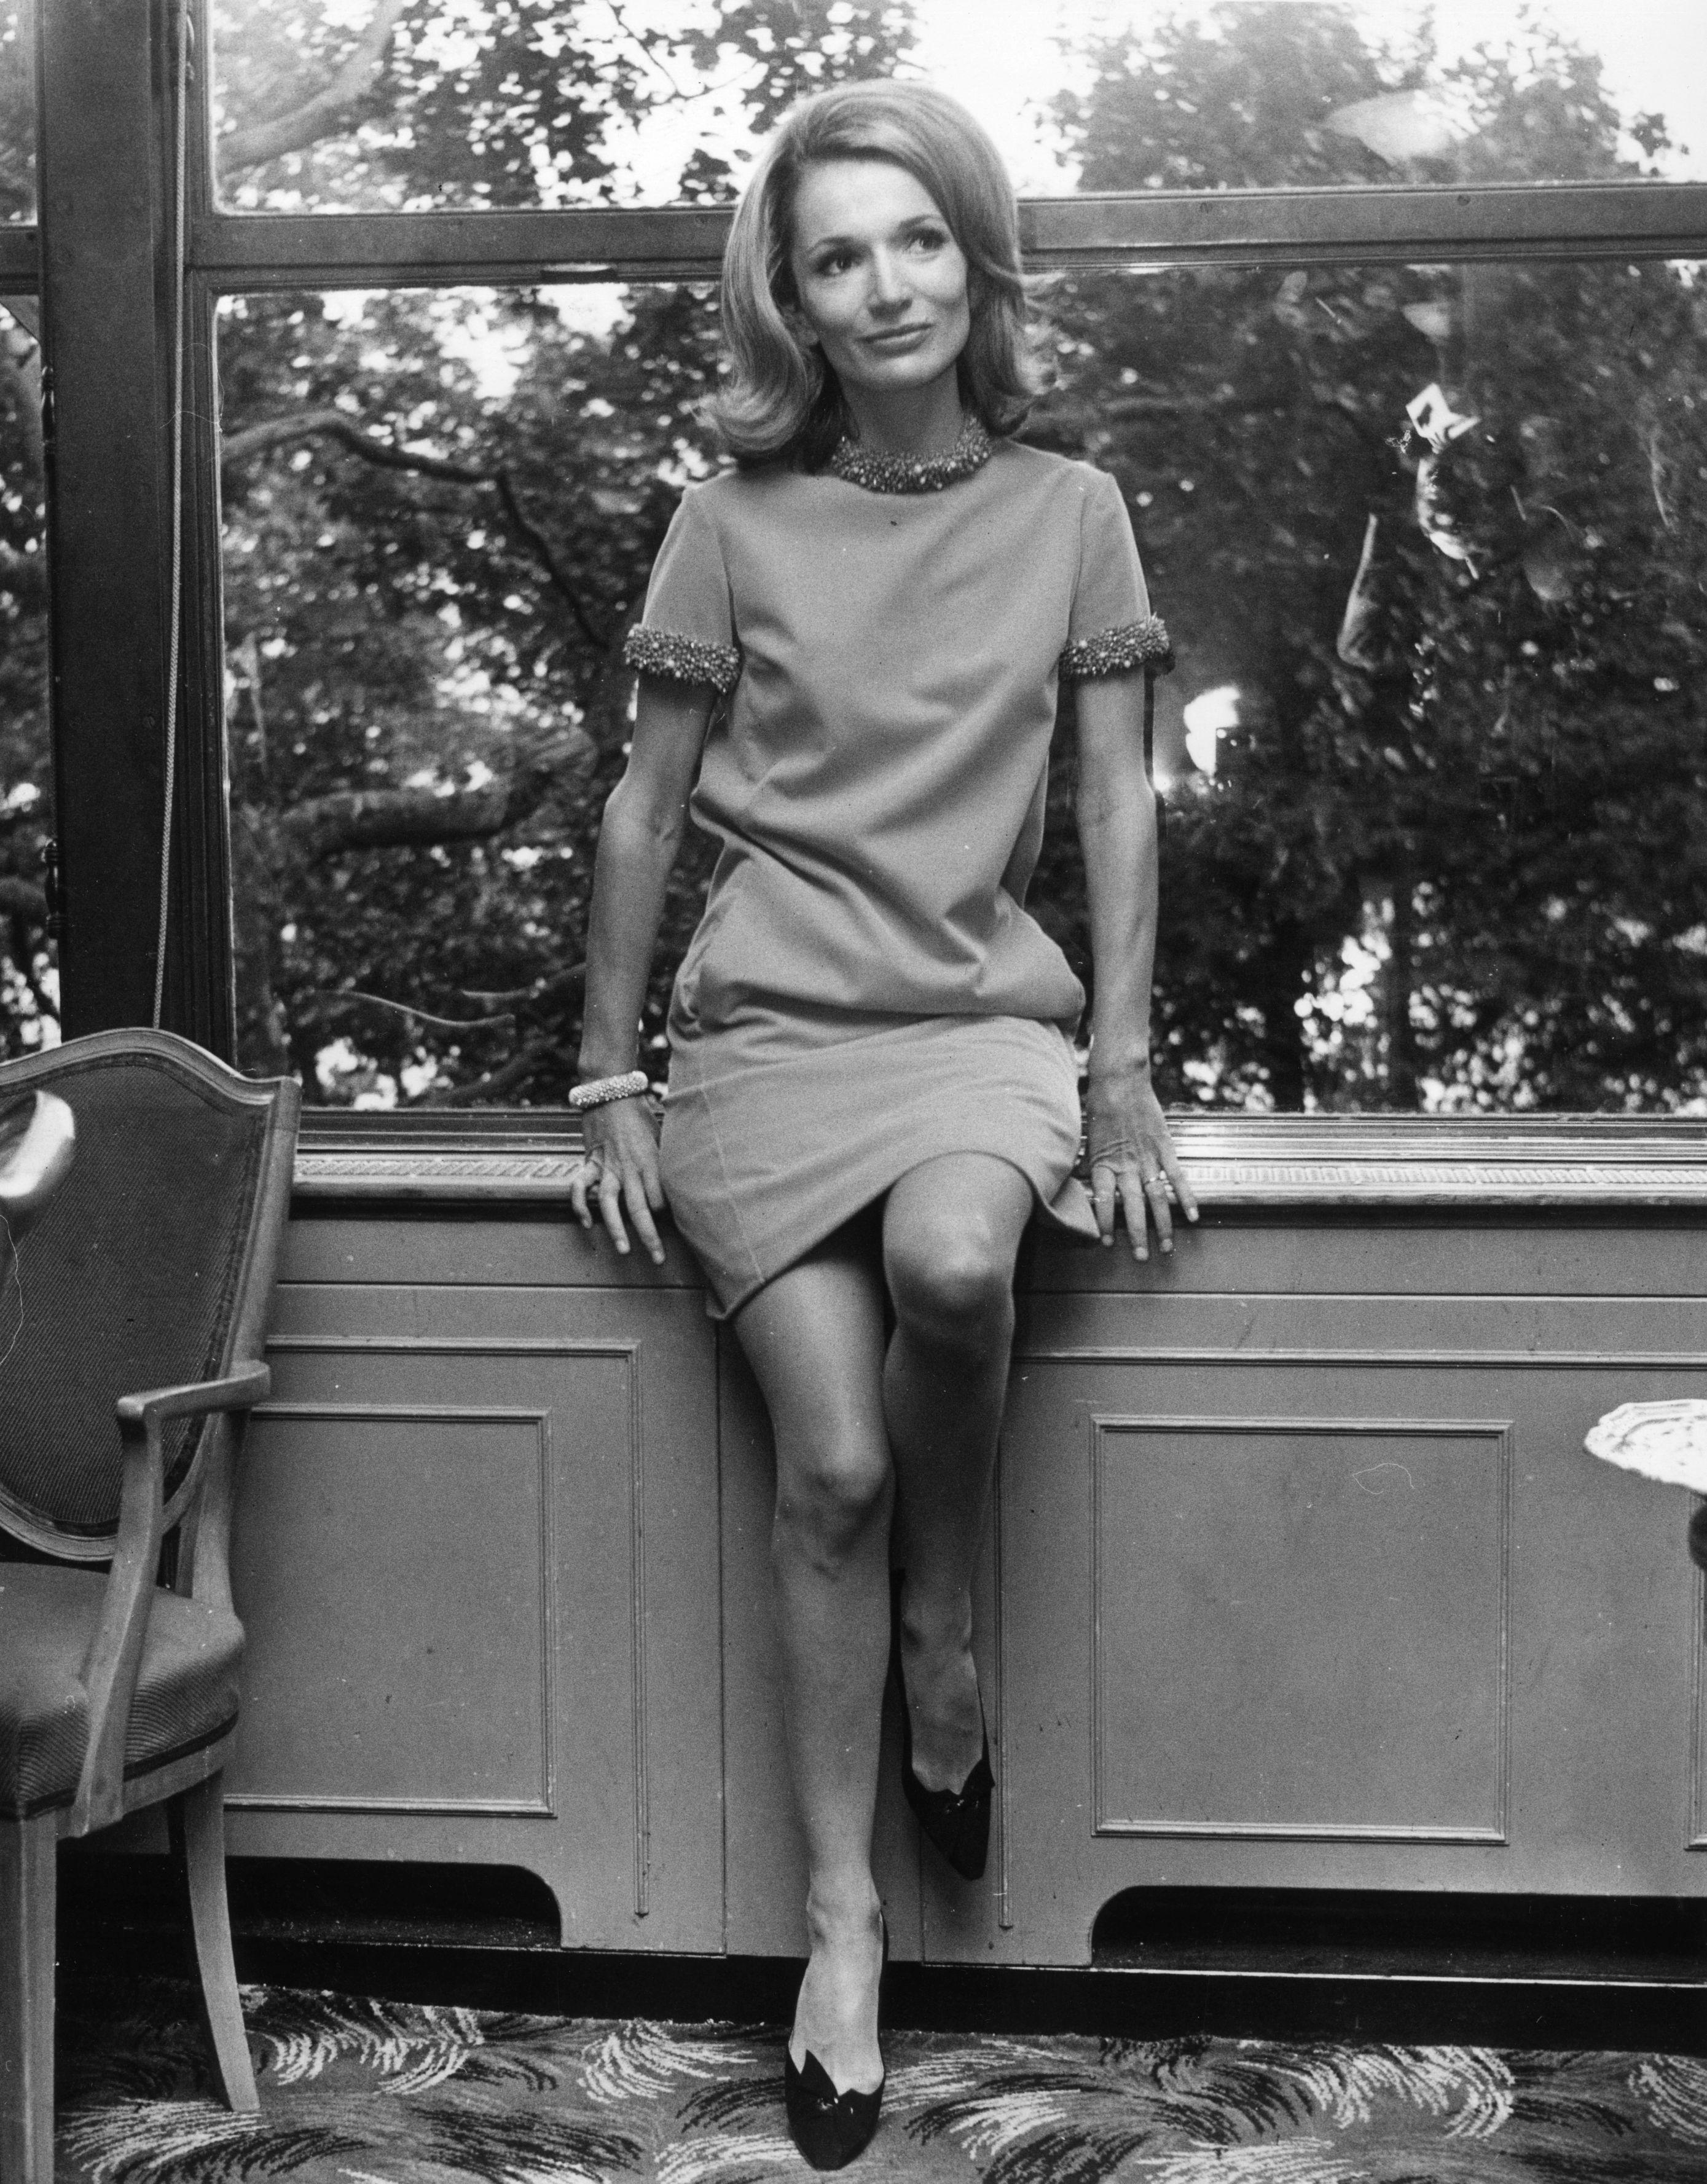 """Каролин Радзивил почина миналия февруари на 85-годишна възраст - 20 години след сестра си. През октомври тази година семейството й организира аукцион с отбрани вещи от личната й колекция в Christie's, Ню Йорк. Измежду 168-те предмета, които ще станат обект на наддаване, проблясват спомени за гламурния и необикновен живот на Лий. """"Разполагаме с цялата гама на живота й"""", казва Джонатън Рандел, зам. председател в Christie's. """"Имаме нейна сребърна чаша от 93-та, пръстен от гимназията, порцеланът, който ползва по време на първия и втория си брак, пръстен Givenchy... предоставиха ни толкова много!"""""""